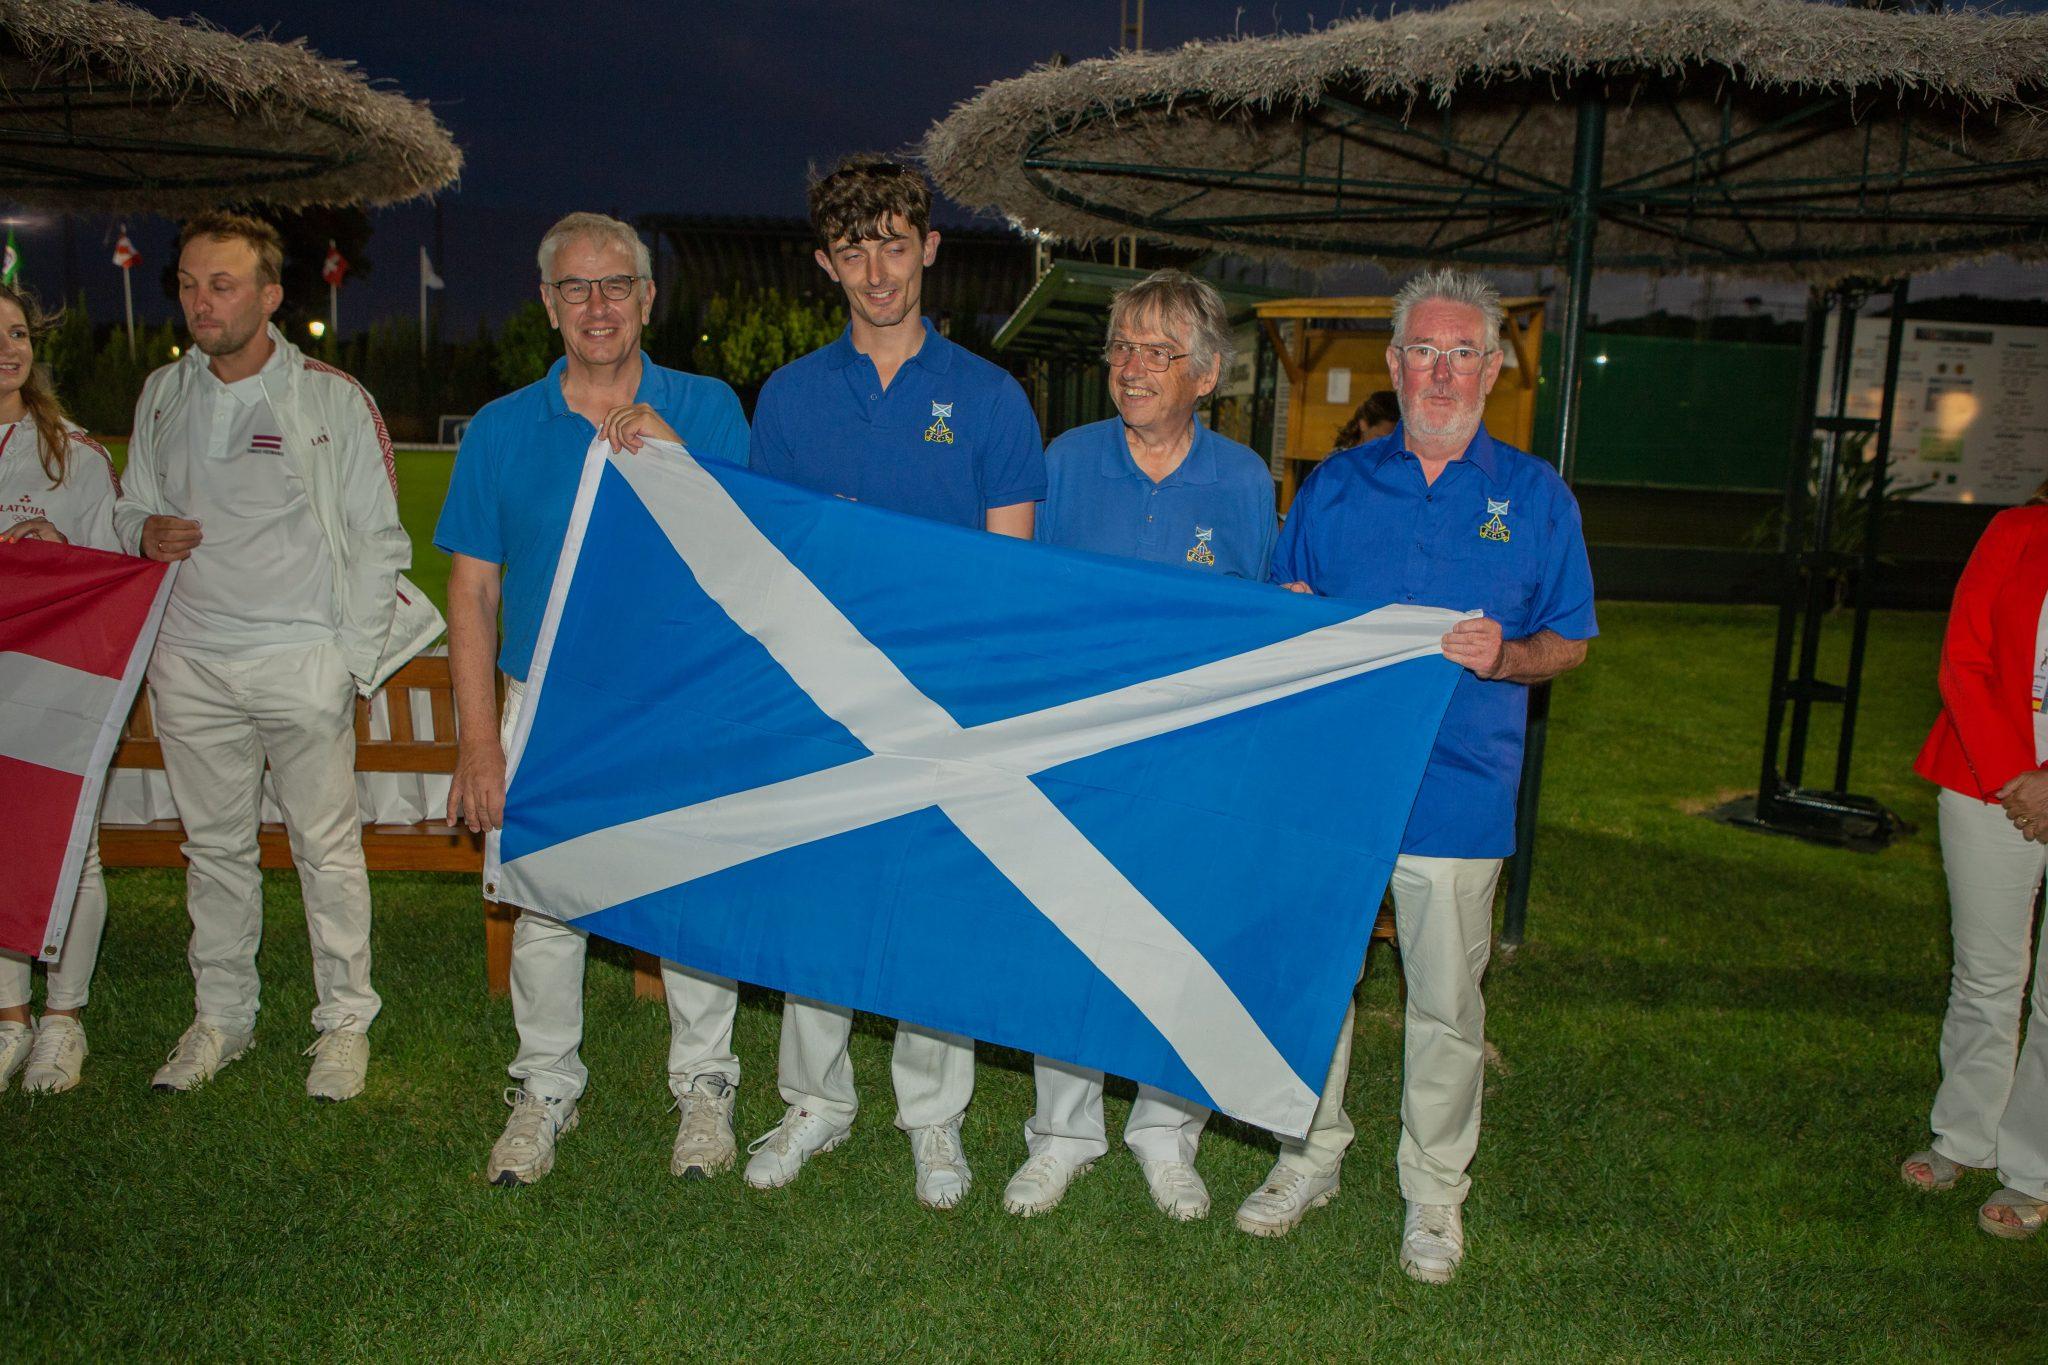 III Campeonato del Mundo de Croquet por Países - Real Novo Sancti Petri 115